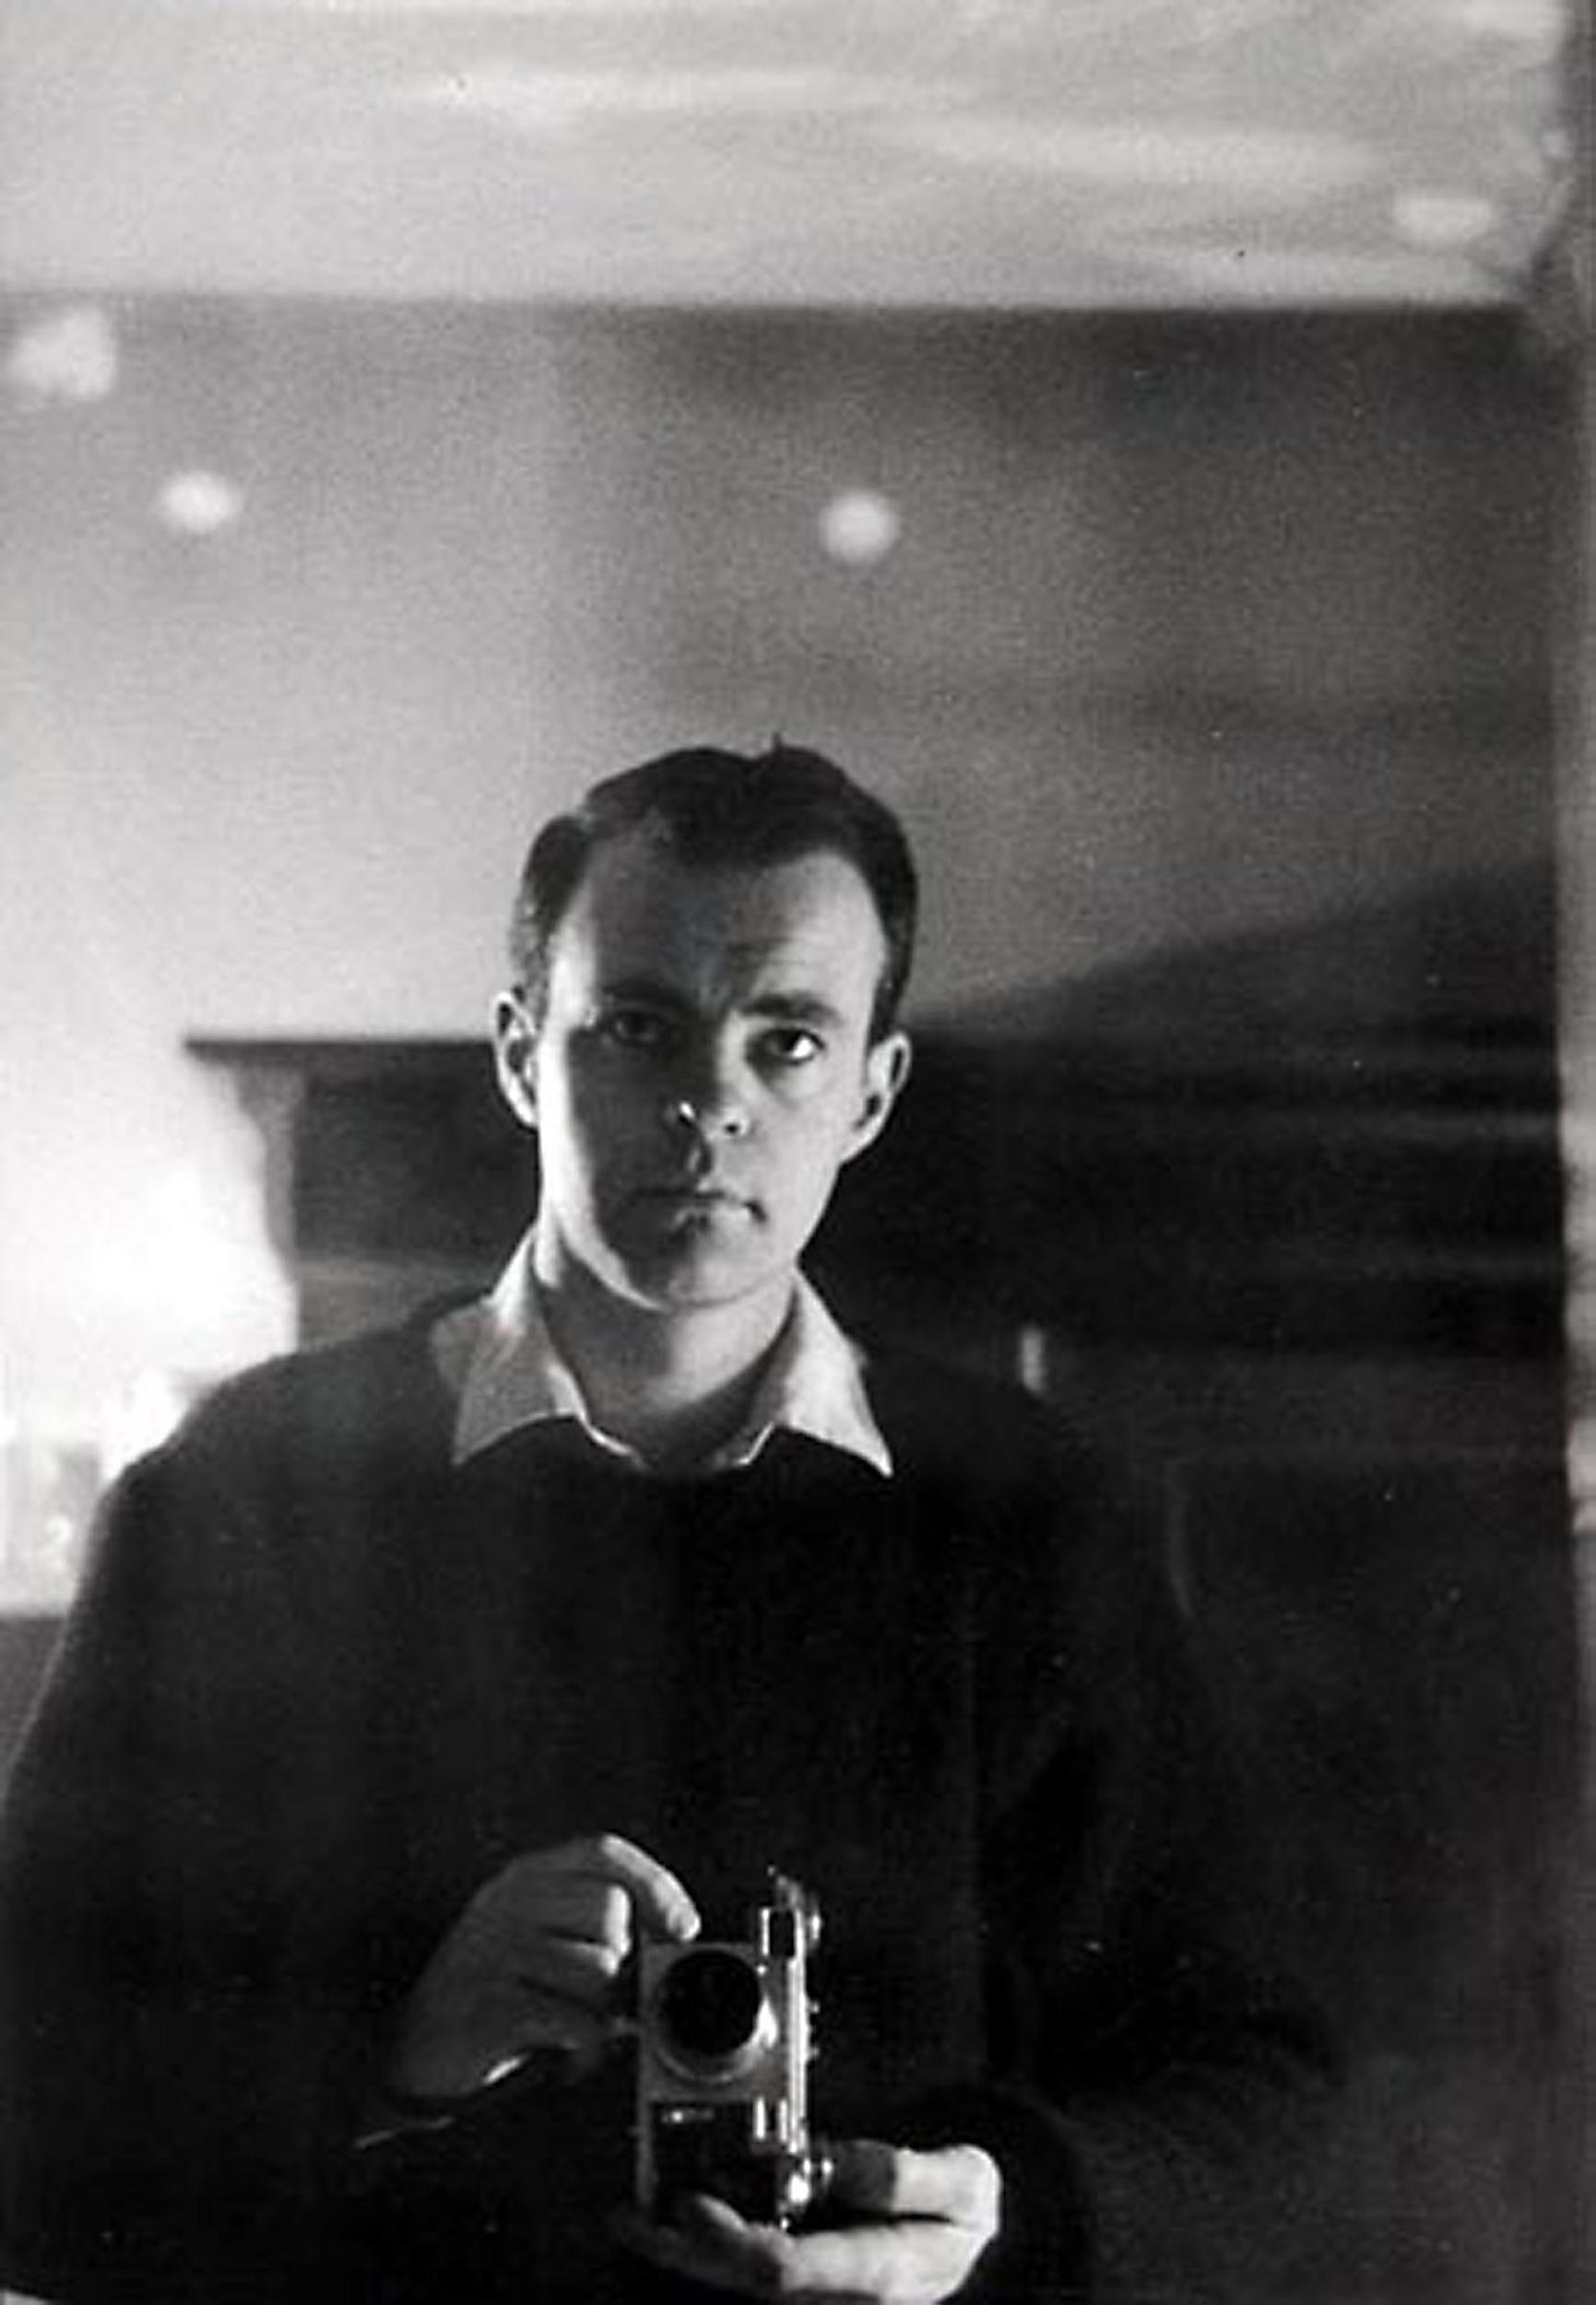 HANNON_self_portrait_(paris)_1958_high.jpg